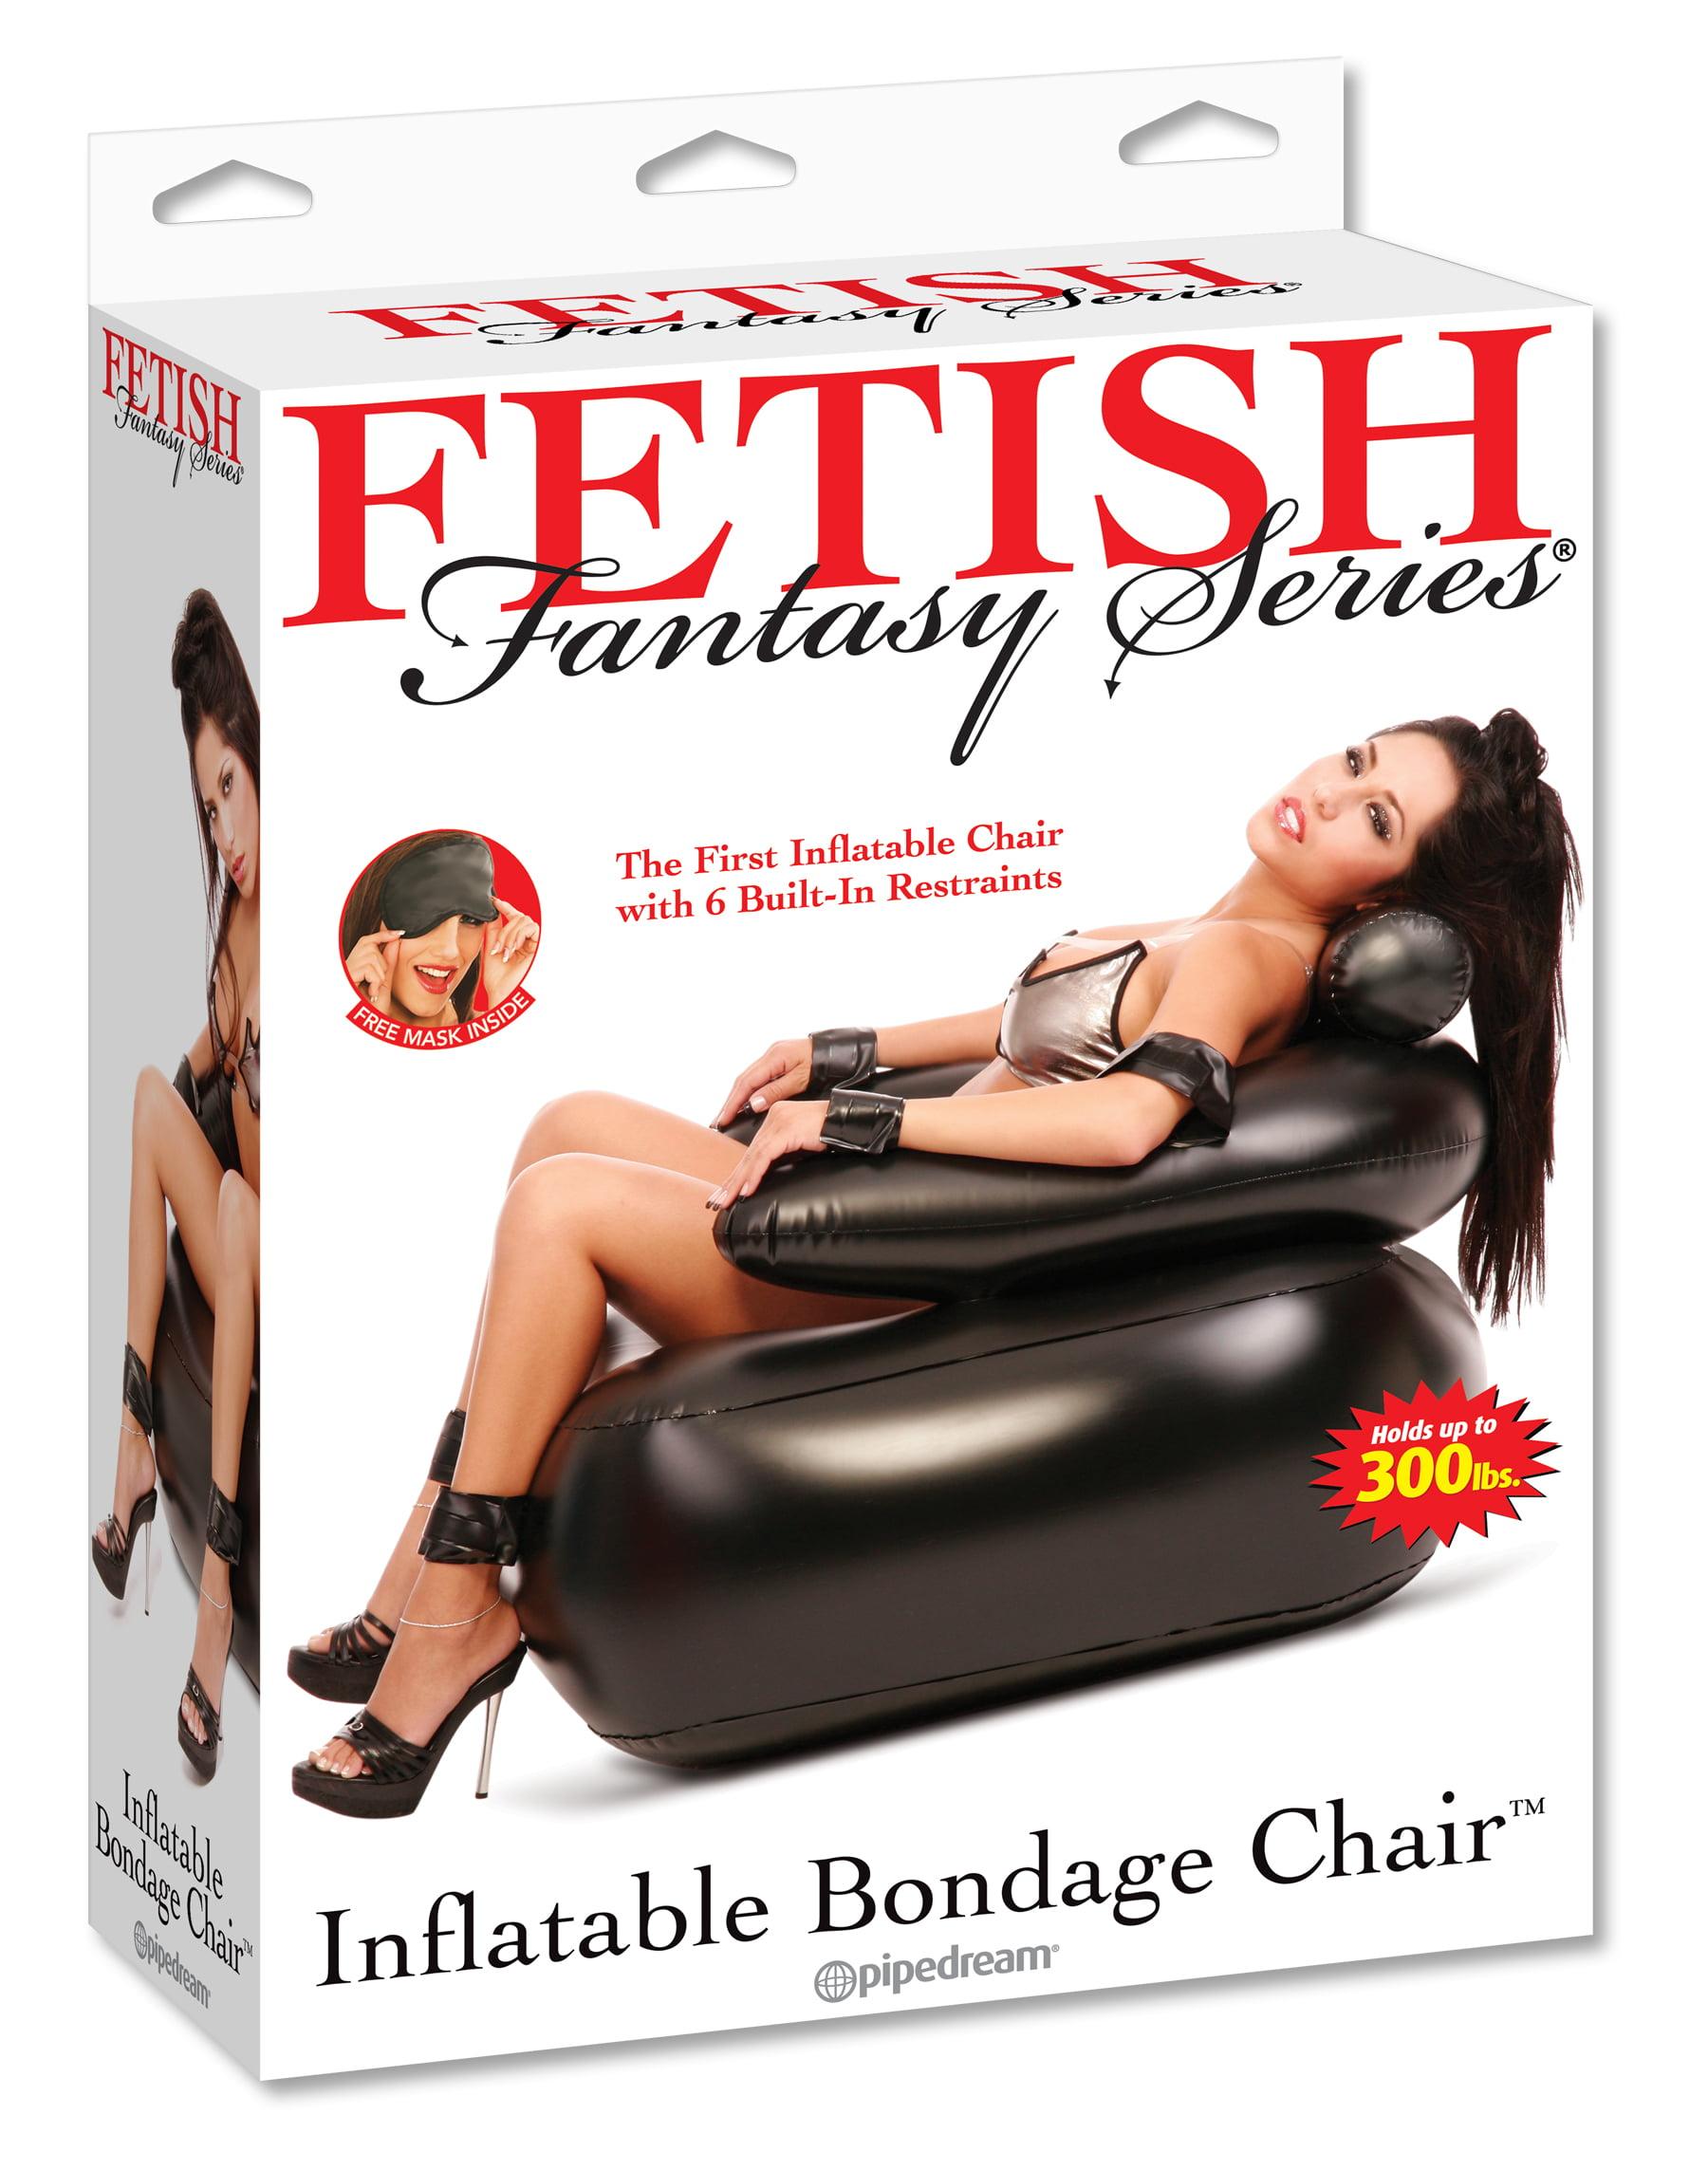 Cadeira Inflável Bondage Chair